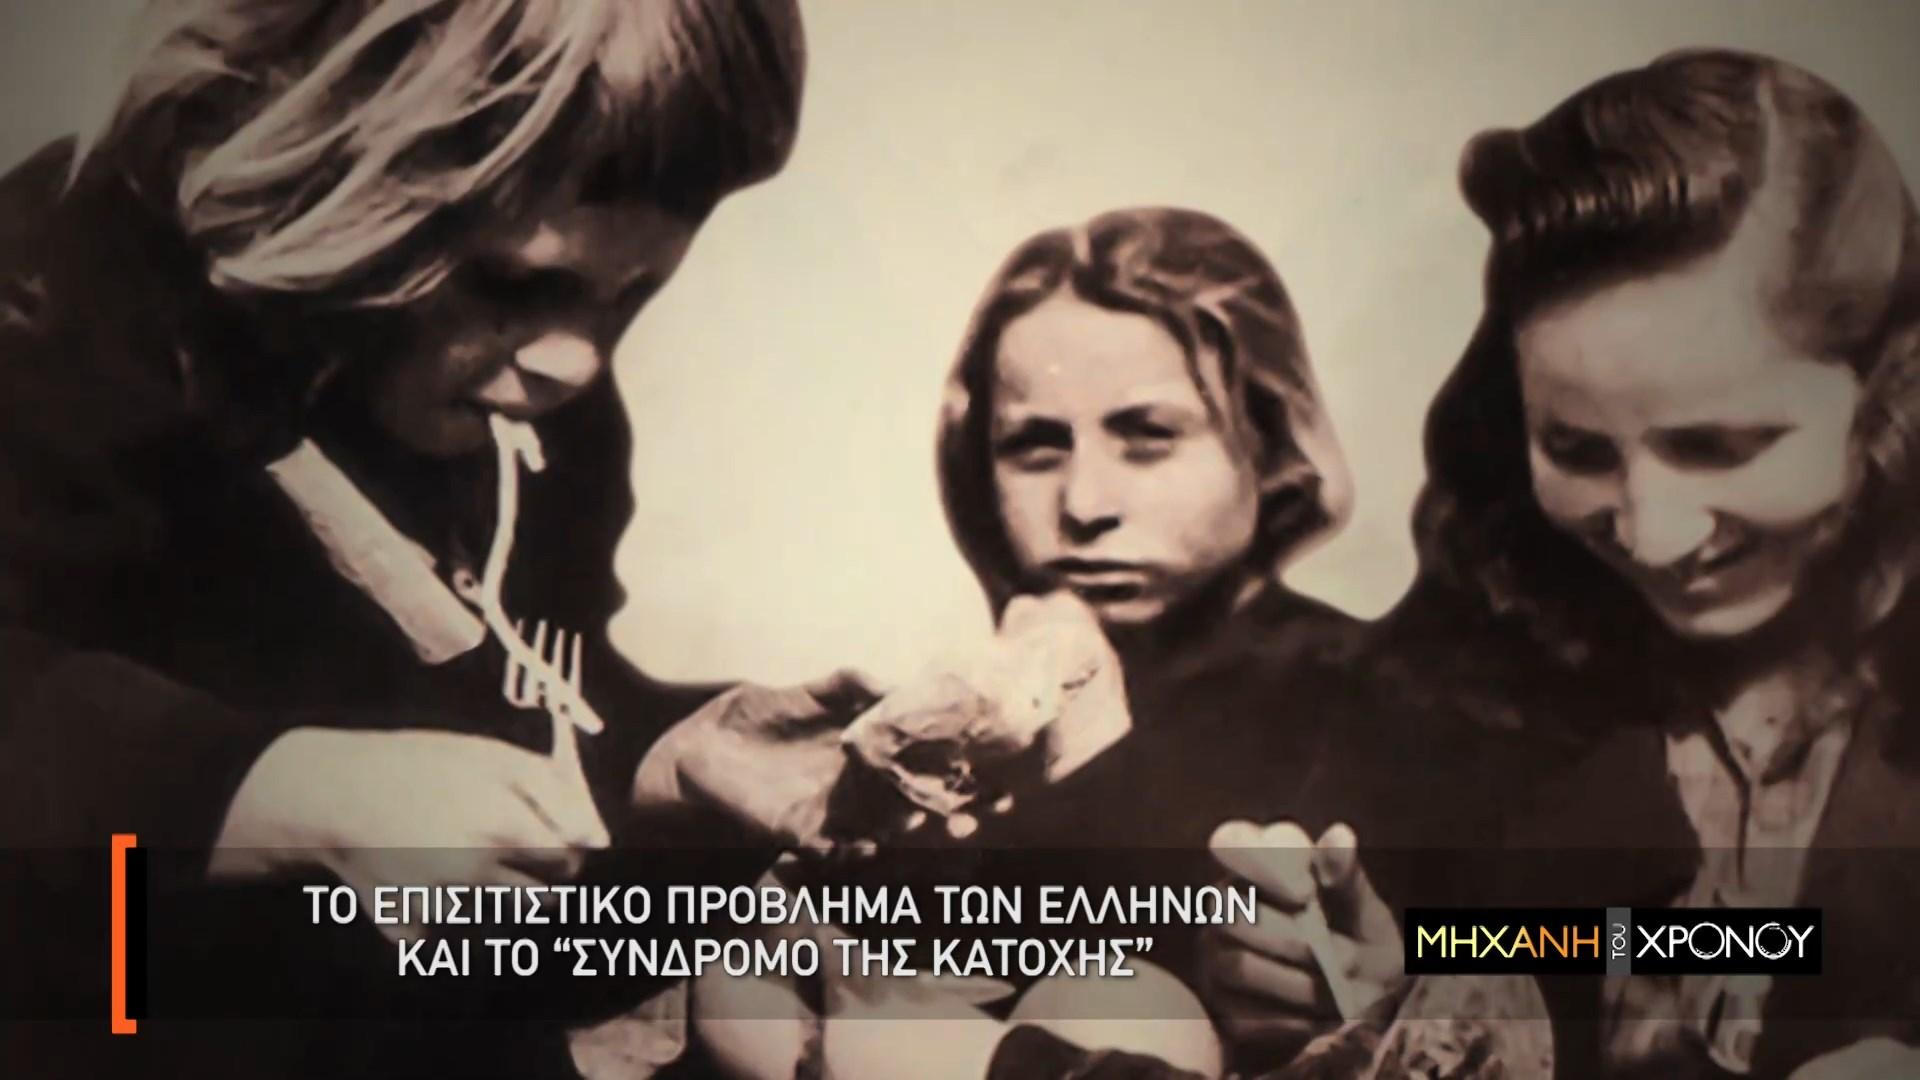 Η «Μηχανή του Χρόνου» παρουσιάζει το Δόγμα Τρούμαν στο COSMOTE HISTORY HD